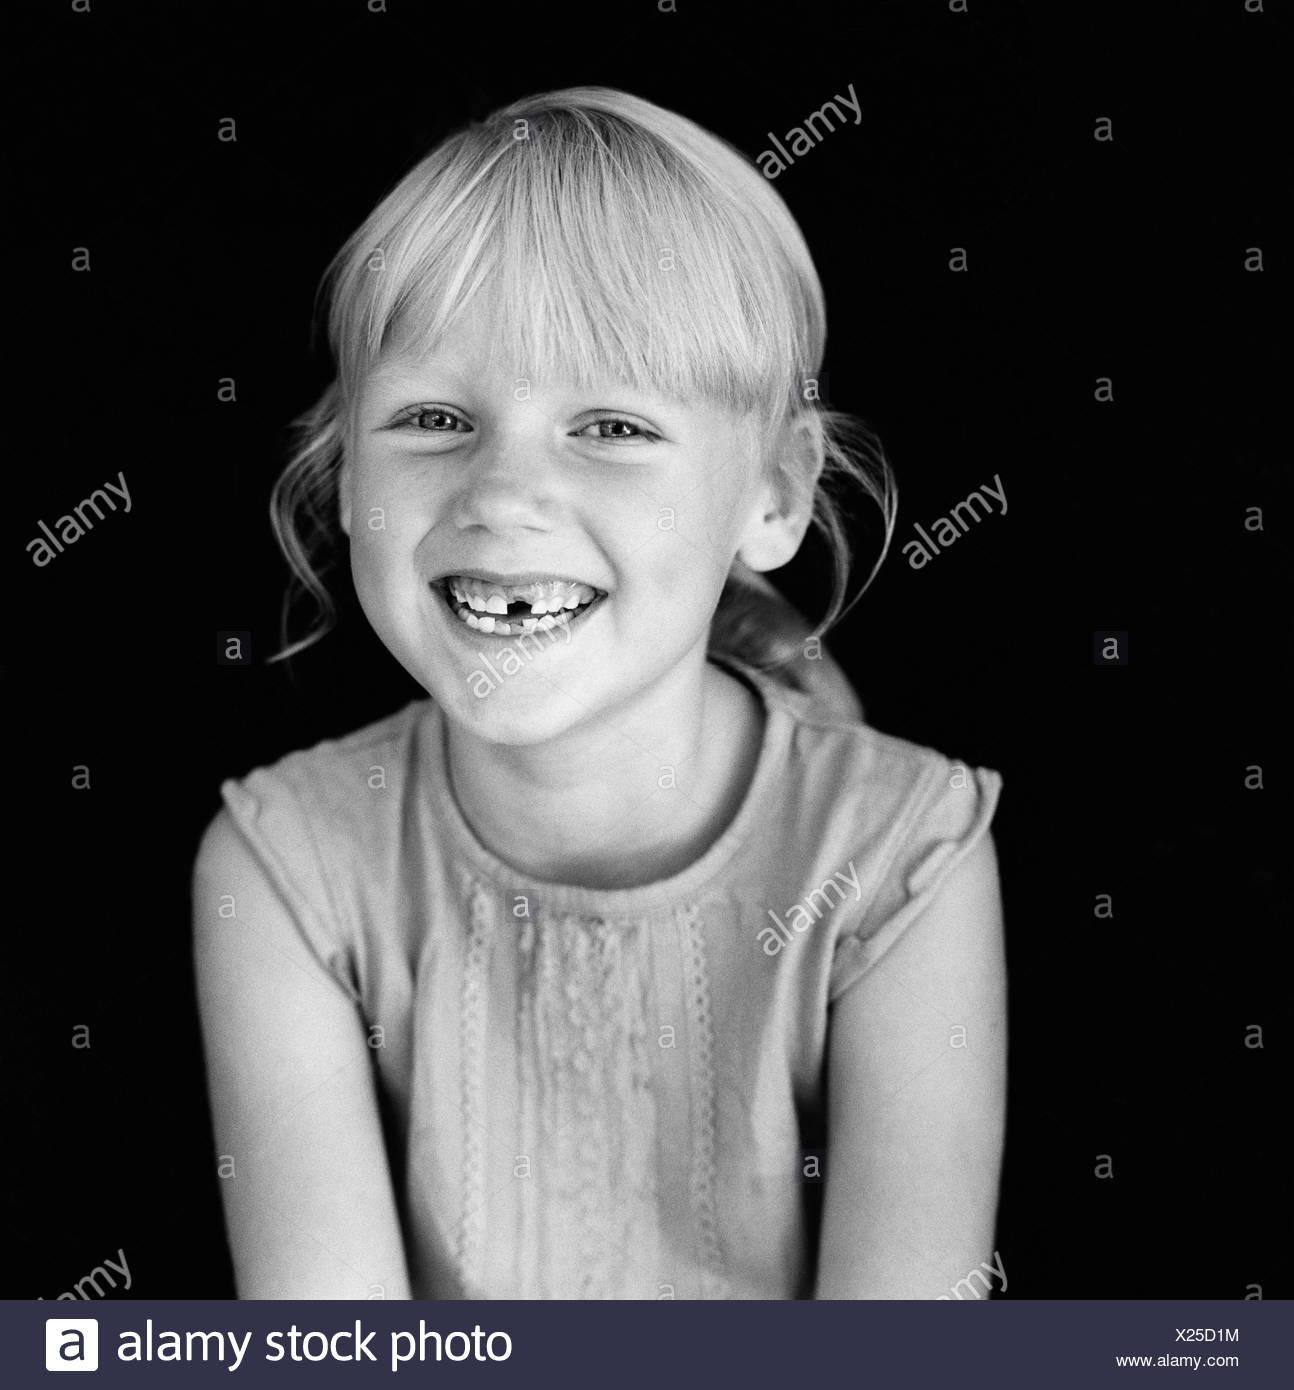 Blanco y negro los niños rubios sólo a niñas feliz adentro una persona solo el optimismo positivo retrato sonriente desdentado diente Imagen De Stock